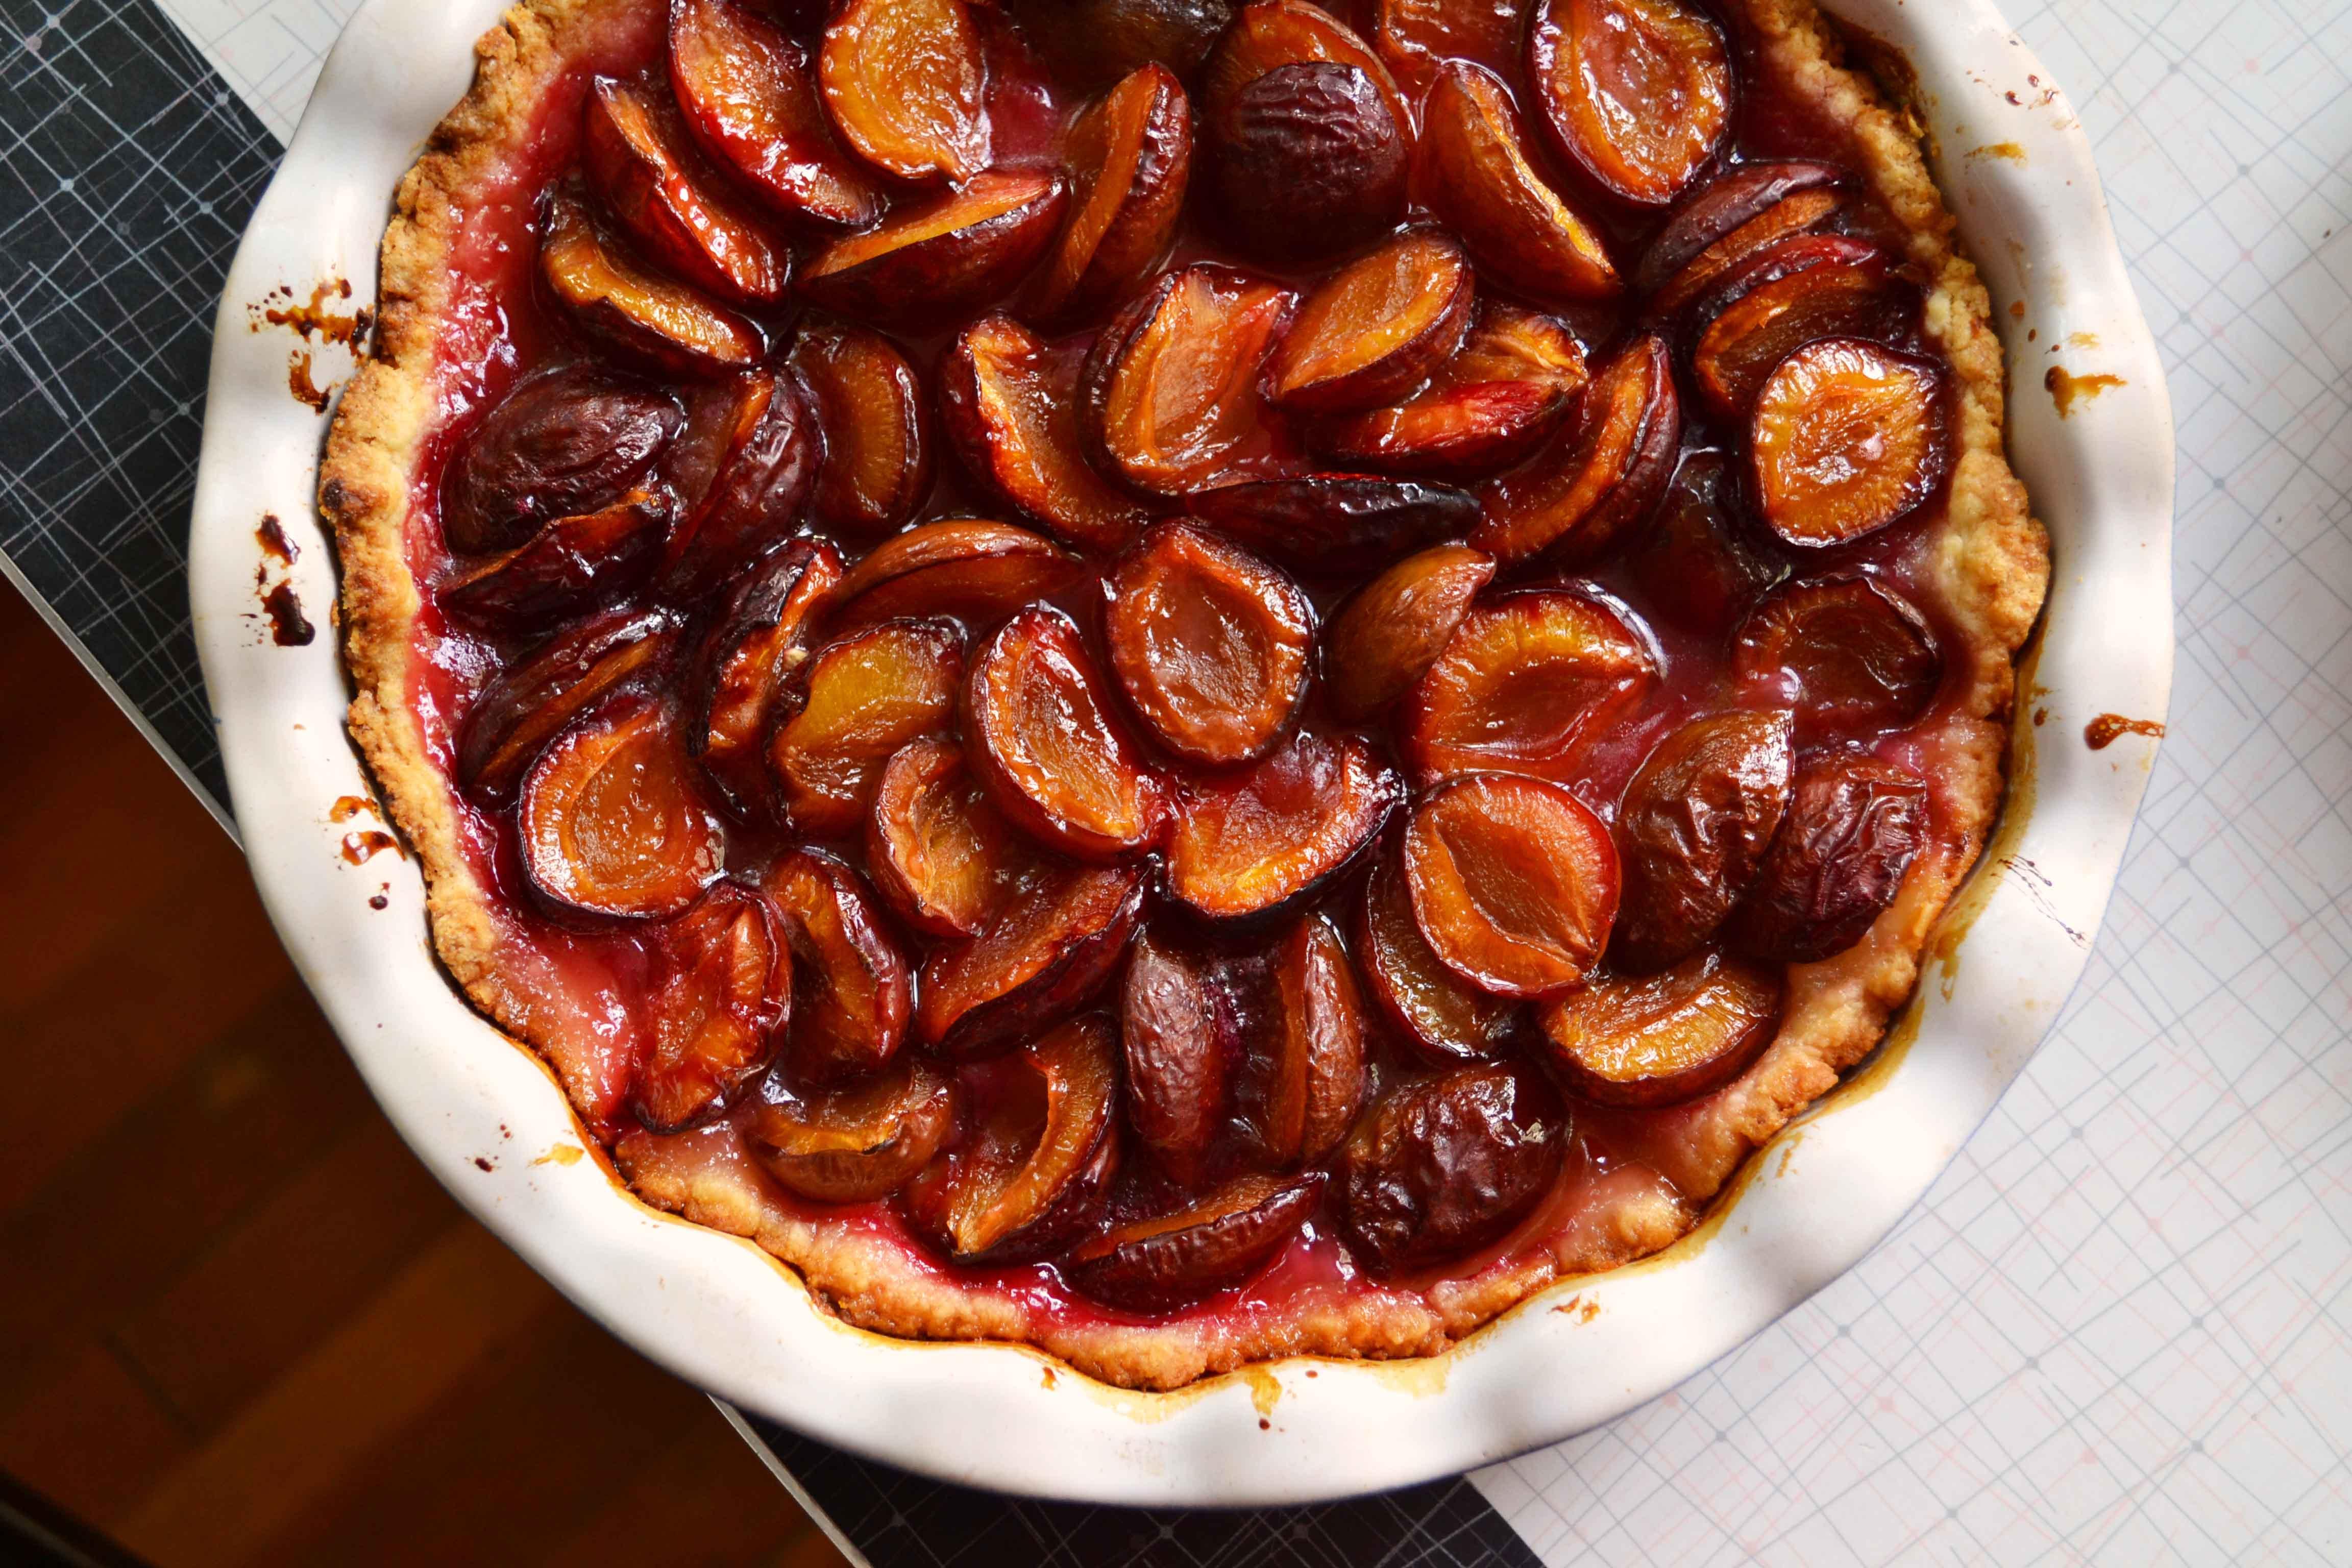 Печем сливовый пирог на кефире: рецепт десерта, который понравится всей семье - фото №1